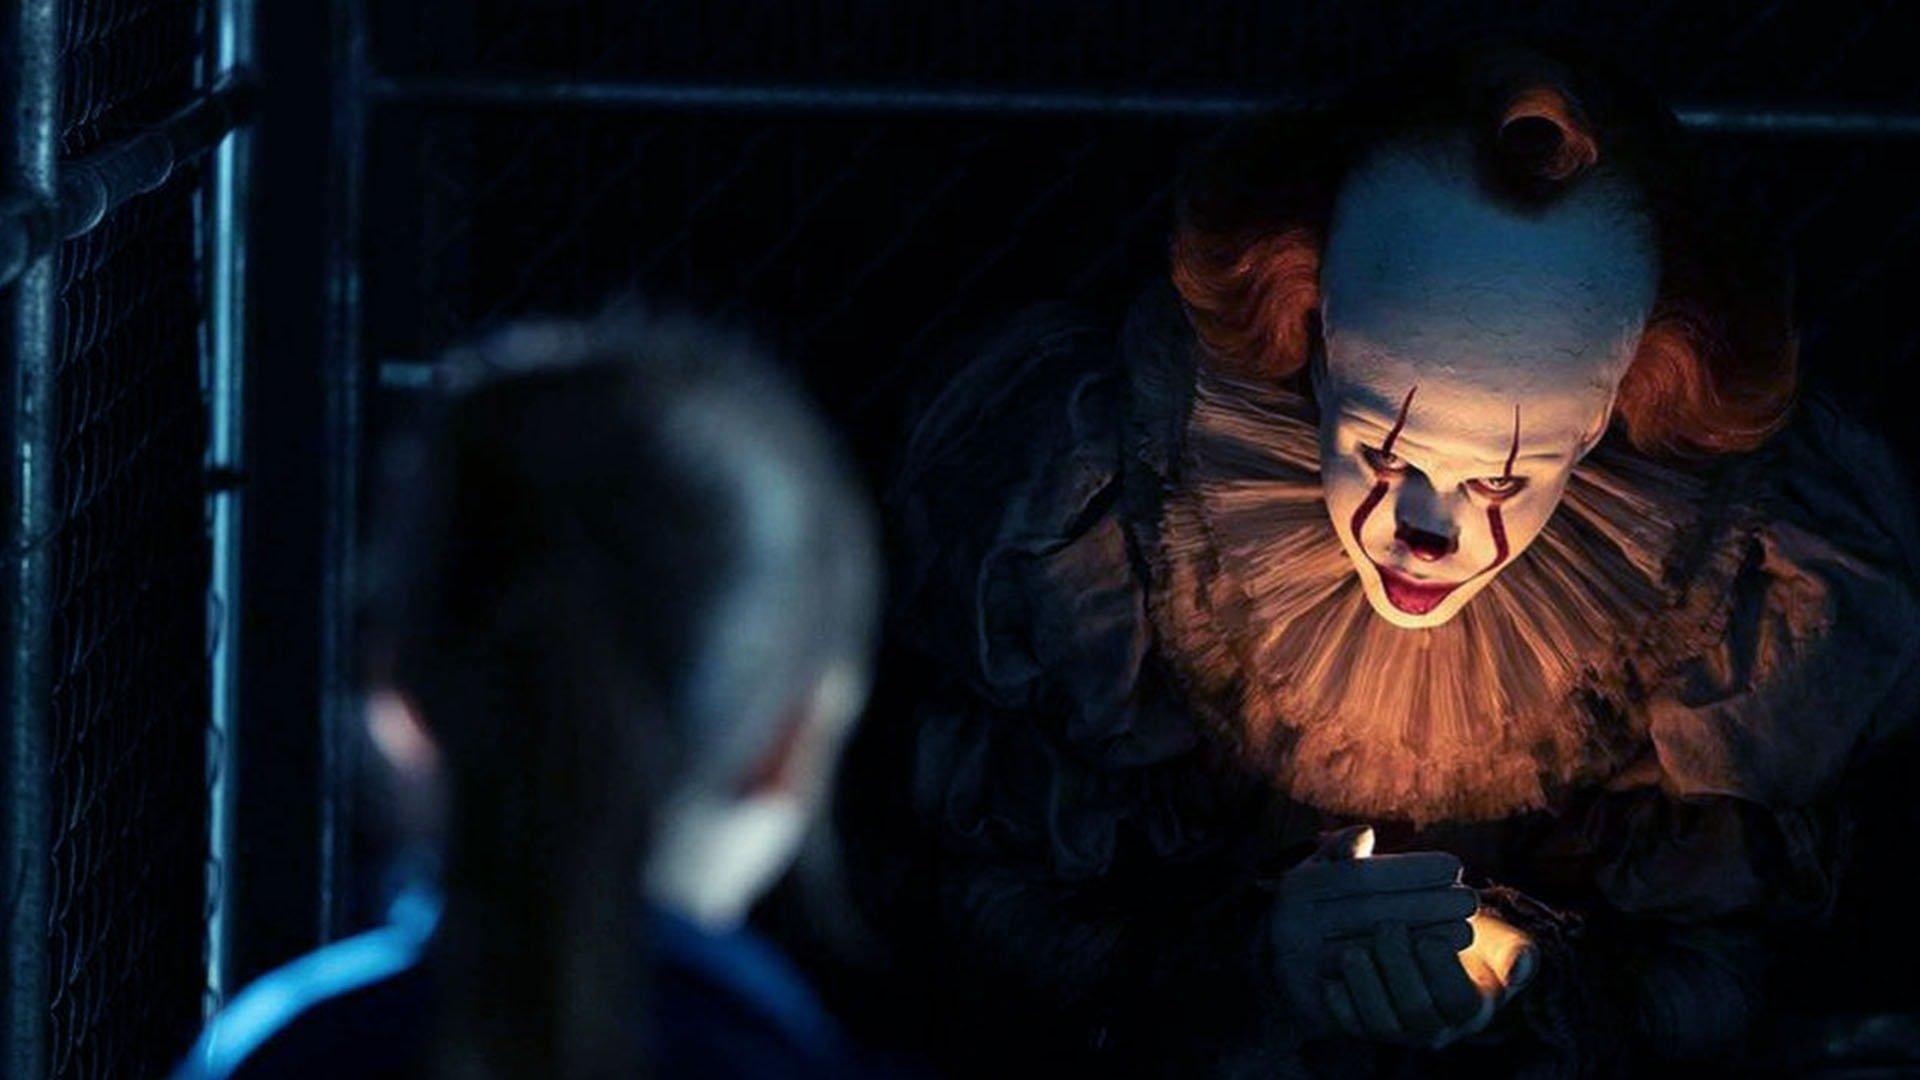 Il nuovo Pennywise incarna perfettamente il mostro esteticamente perfetto del cinema in CGI